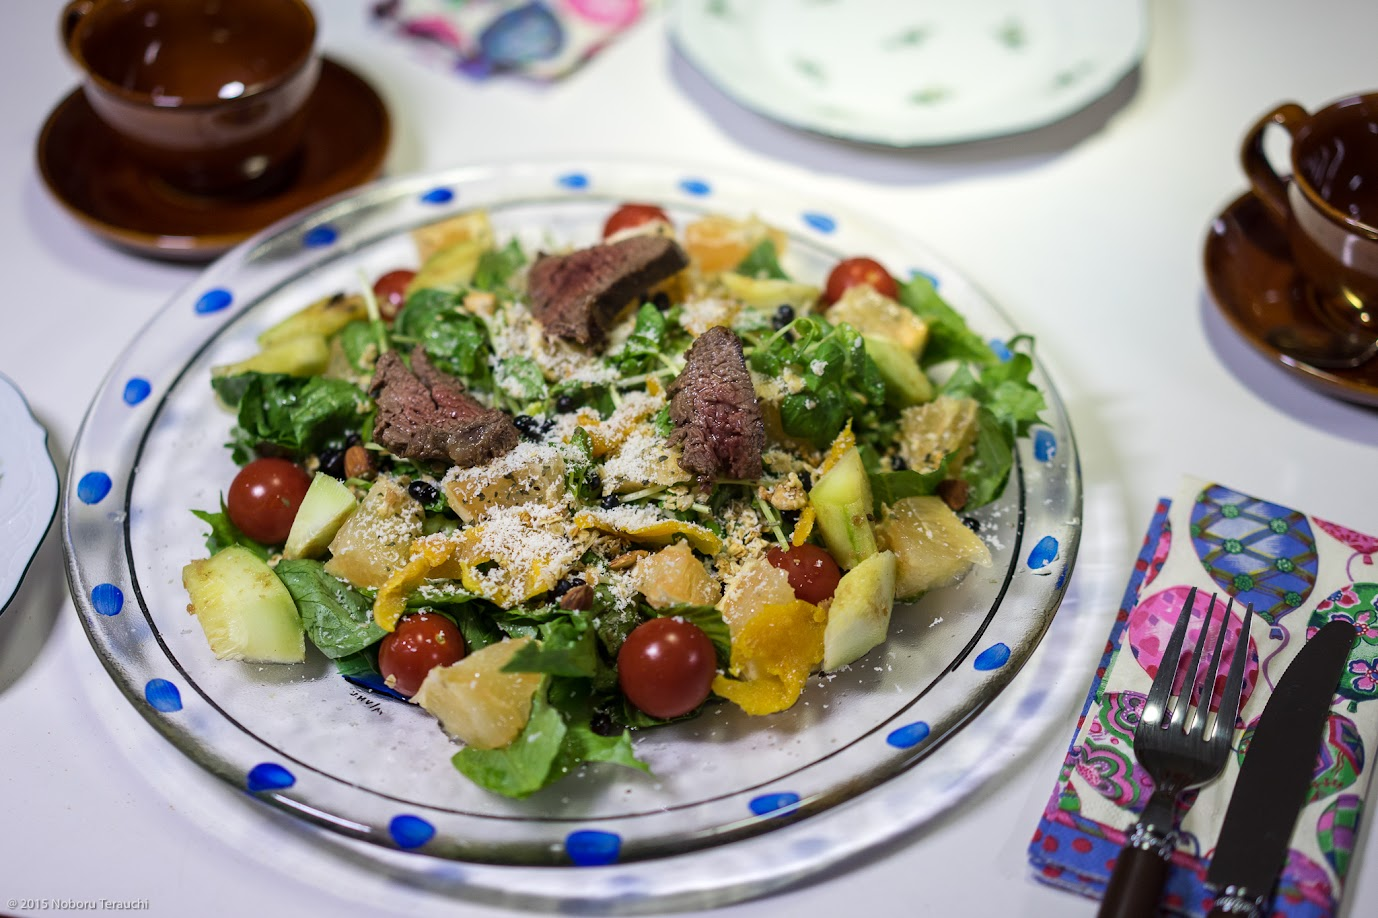 エゾシカ肉・グレープフルーツ・レタス等を合わせたパワーサラダ